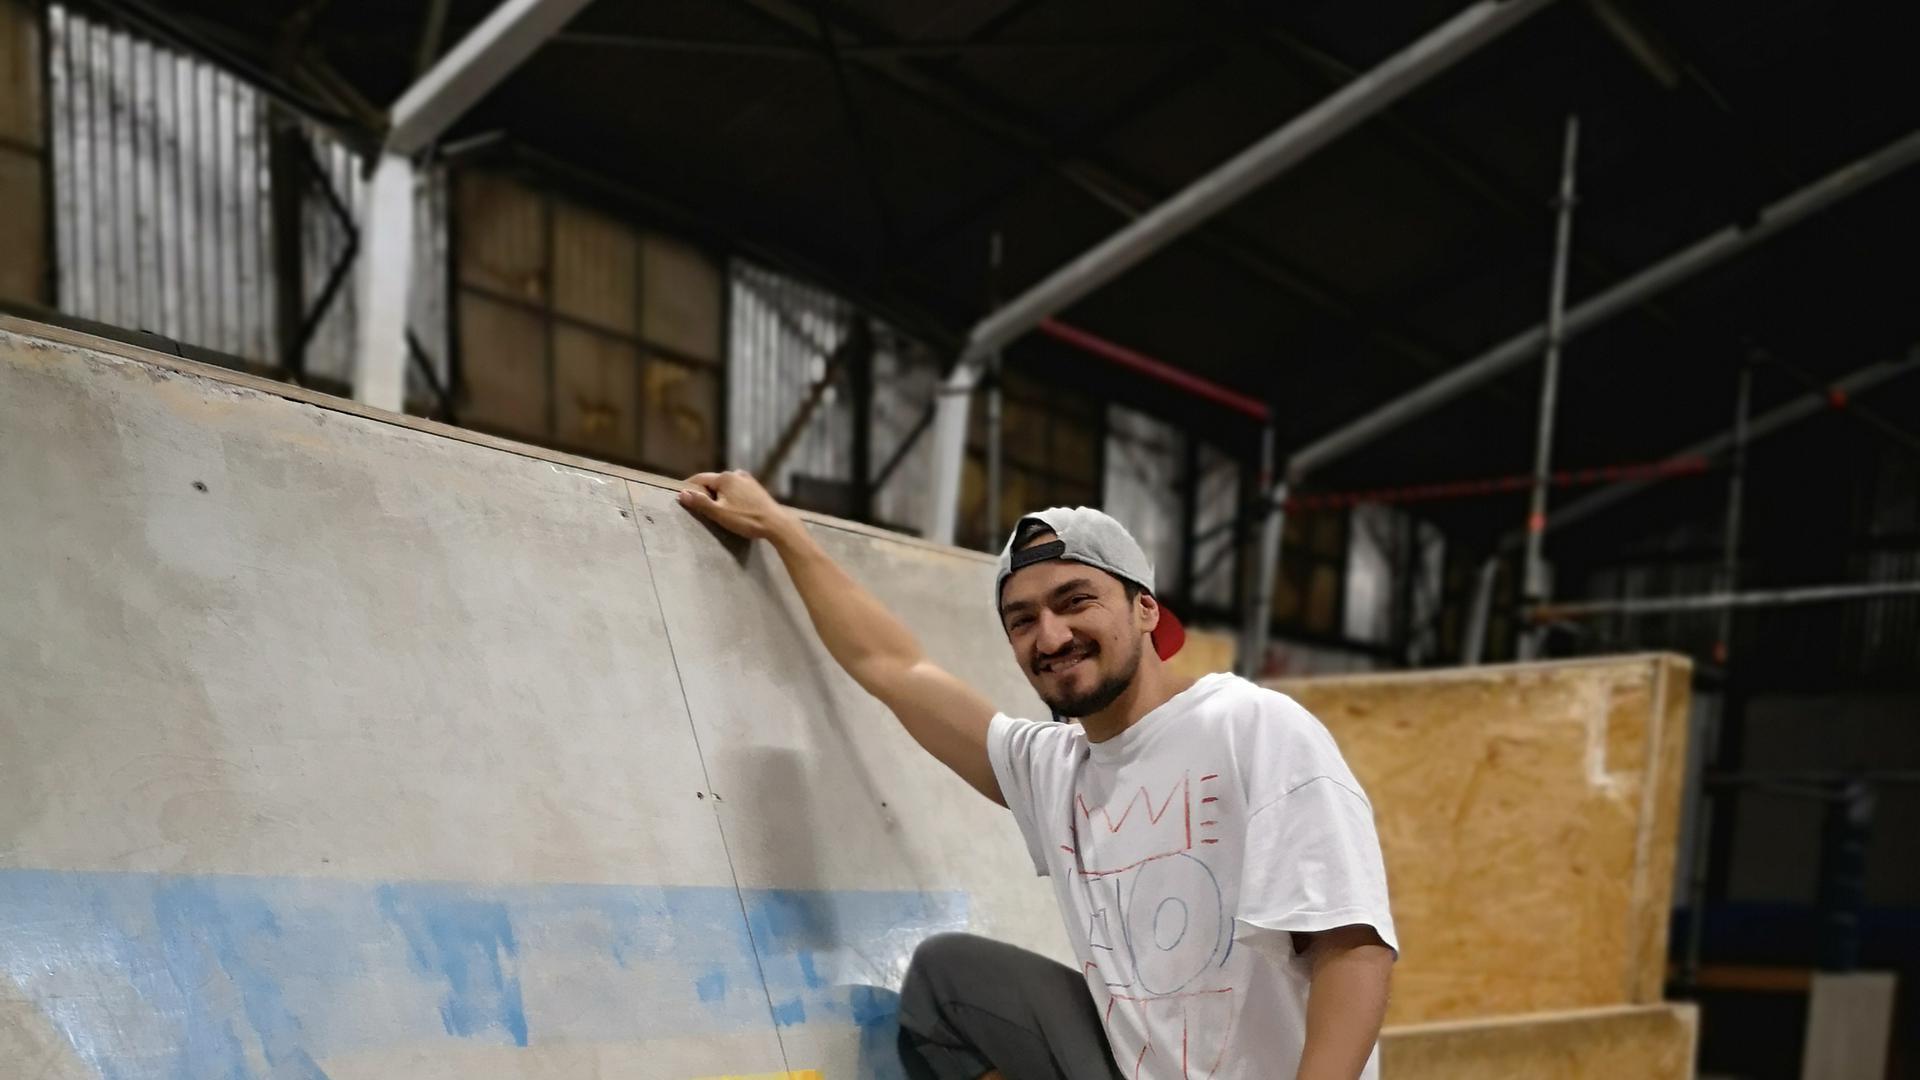 Fabian Barreto geht die Wände hoch. Und danach ist er noch nicht einmal aus der Puste.